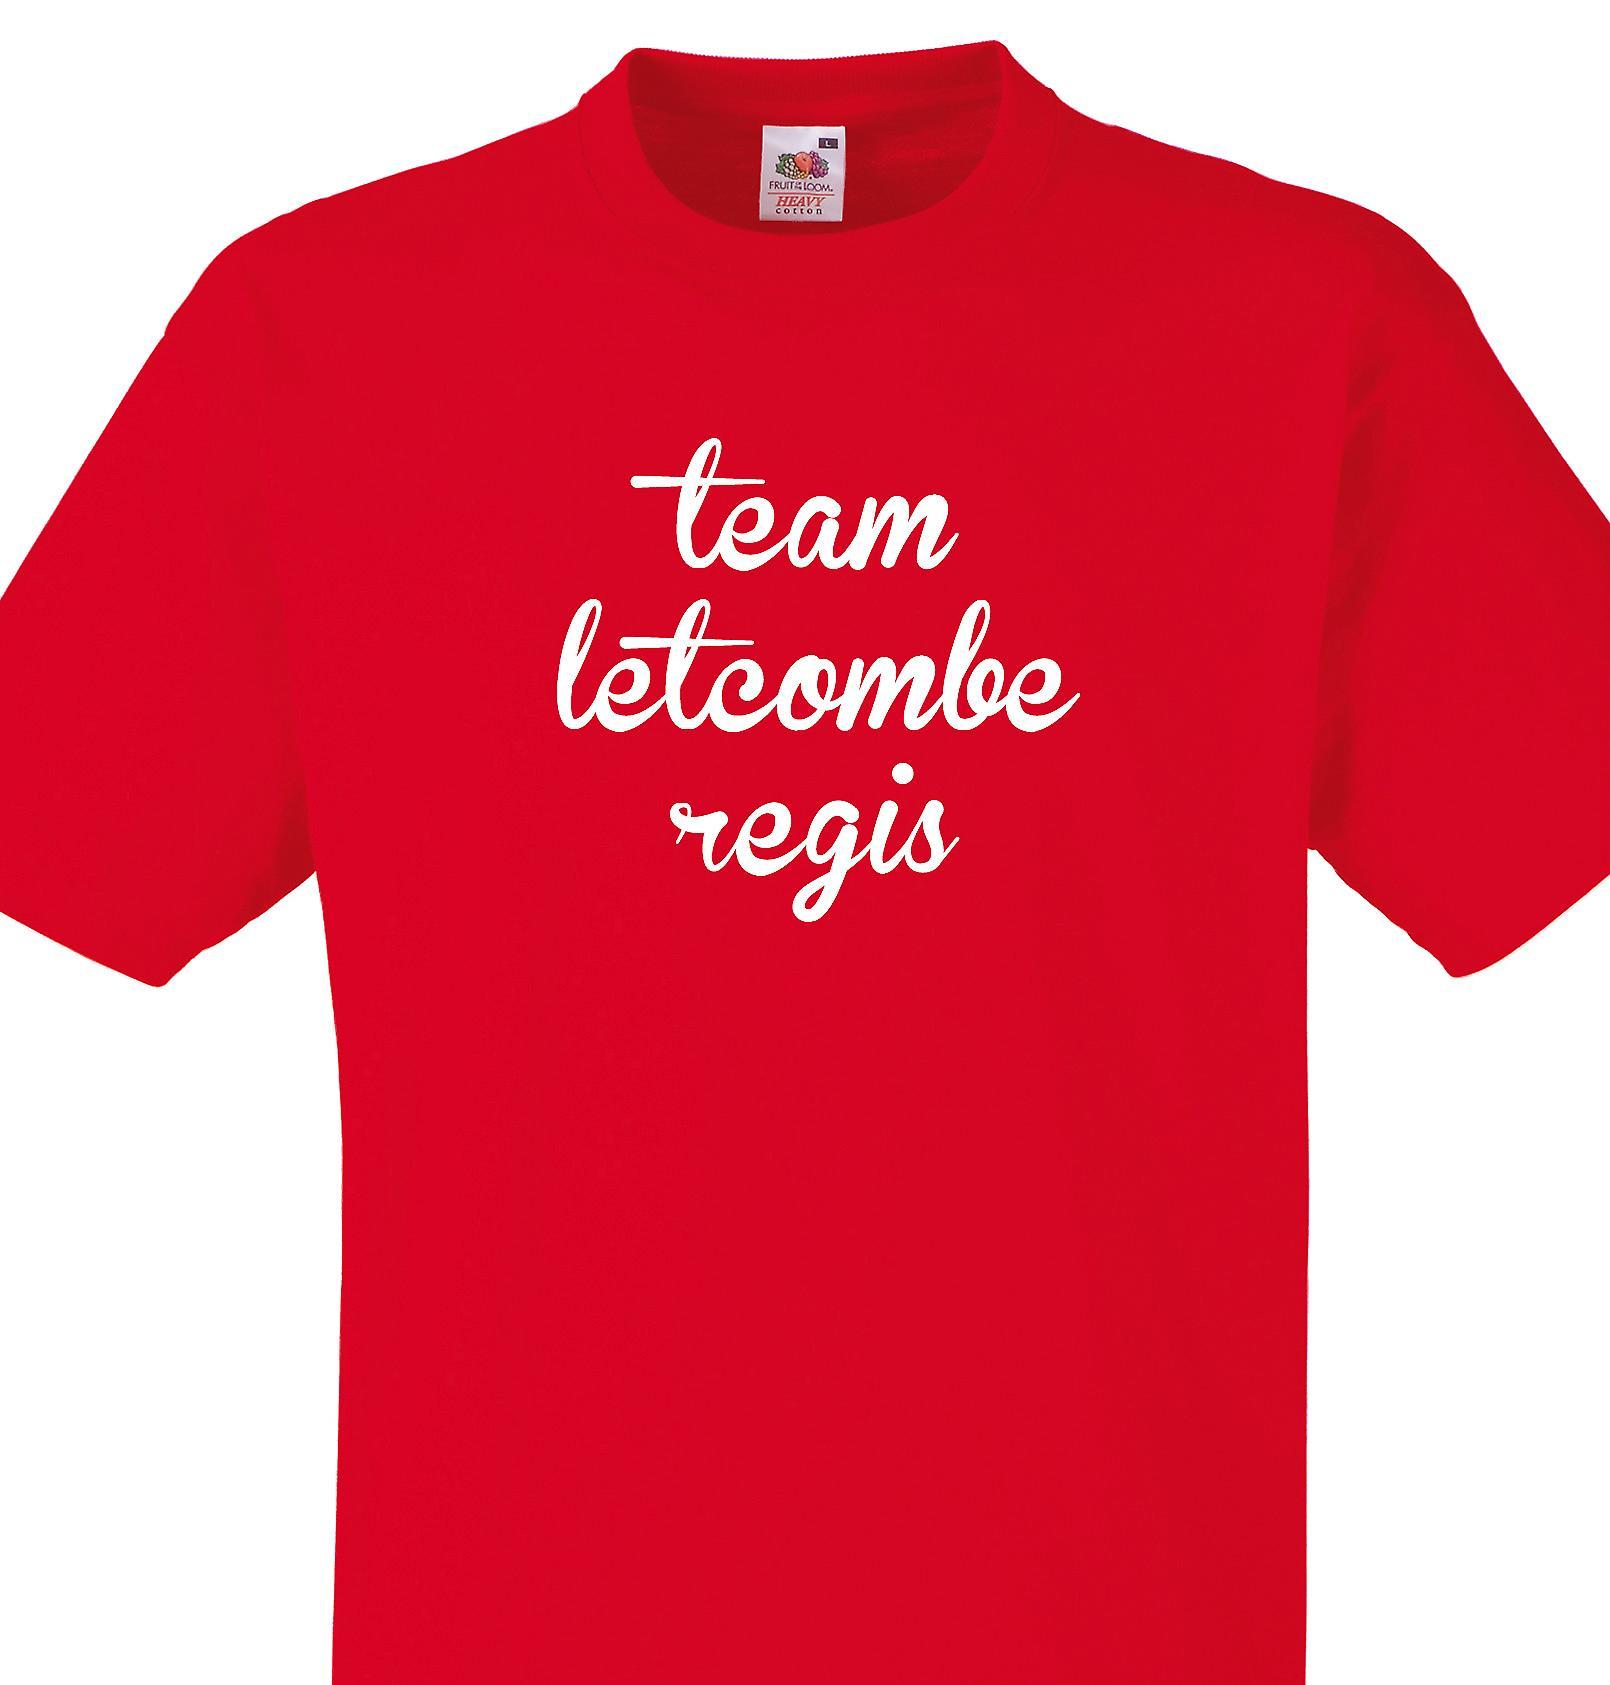 Team Letcombe regis Red T shirt